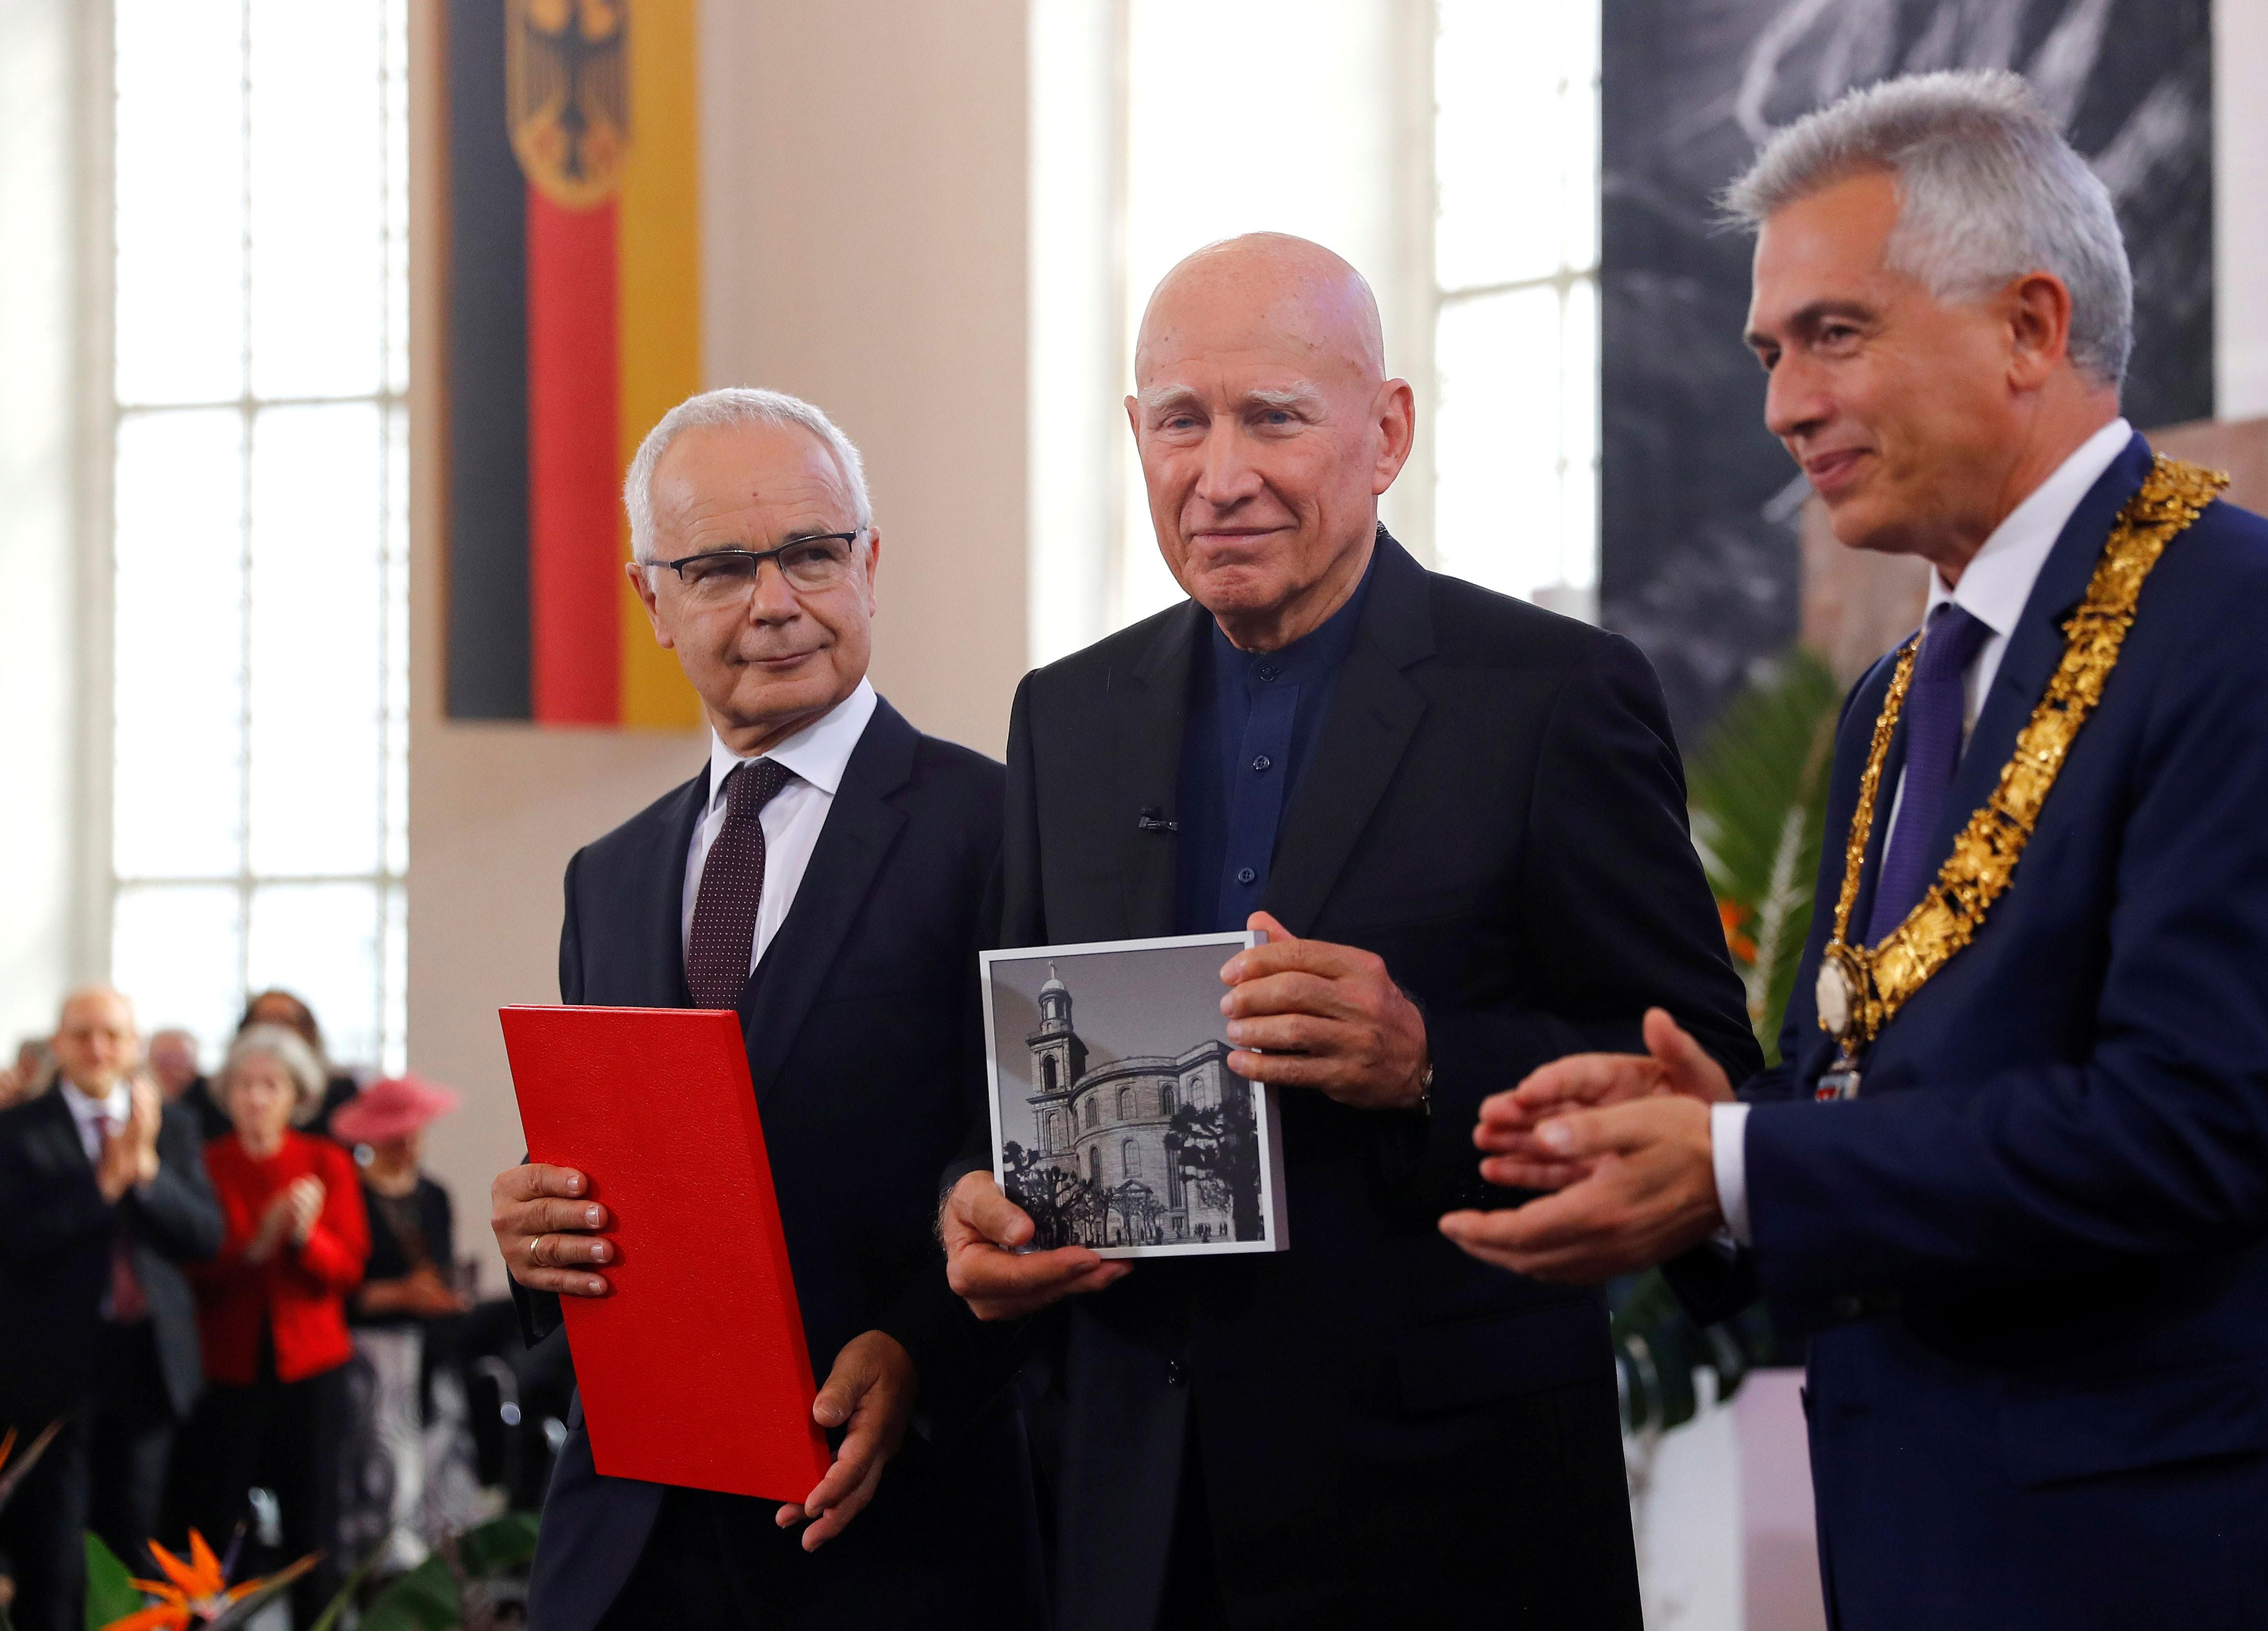 Sebastião Salgado recebe Prêmio da Paz dos Livreiros Alemães em Frankfurt - Notícias - Plantão Diário